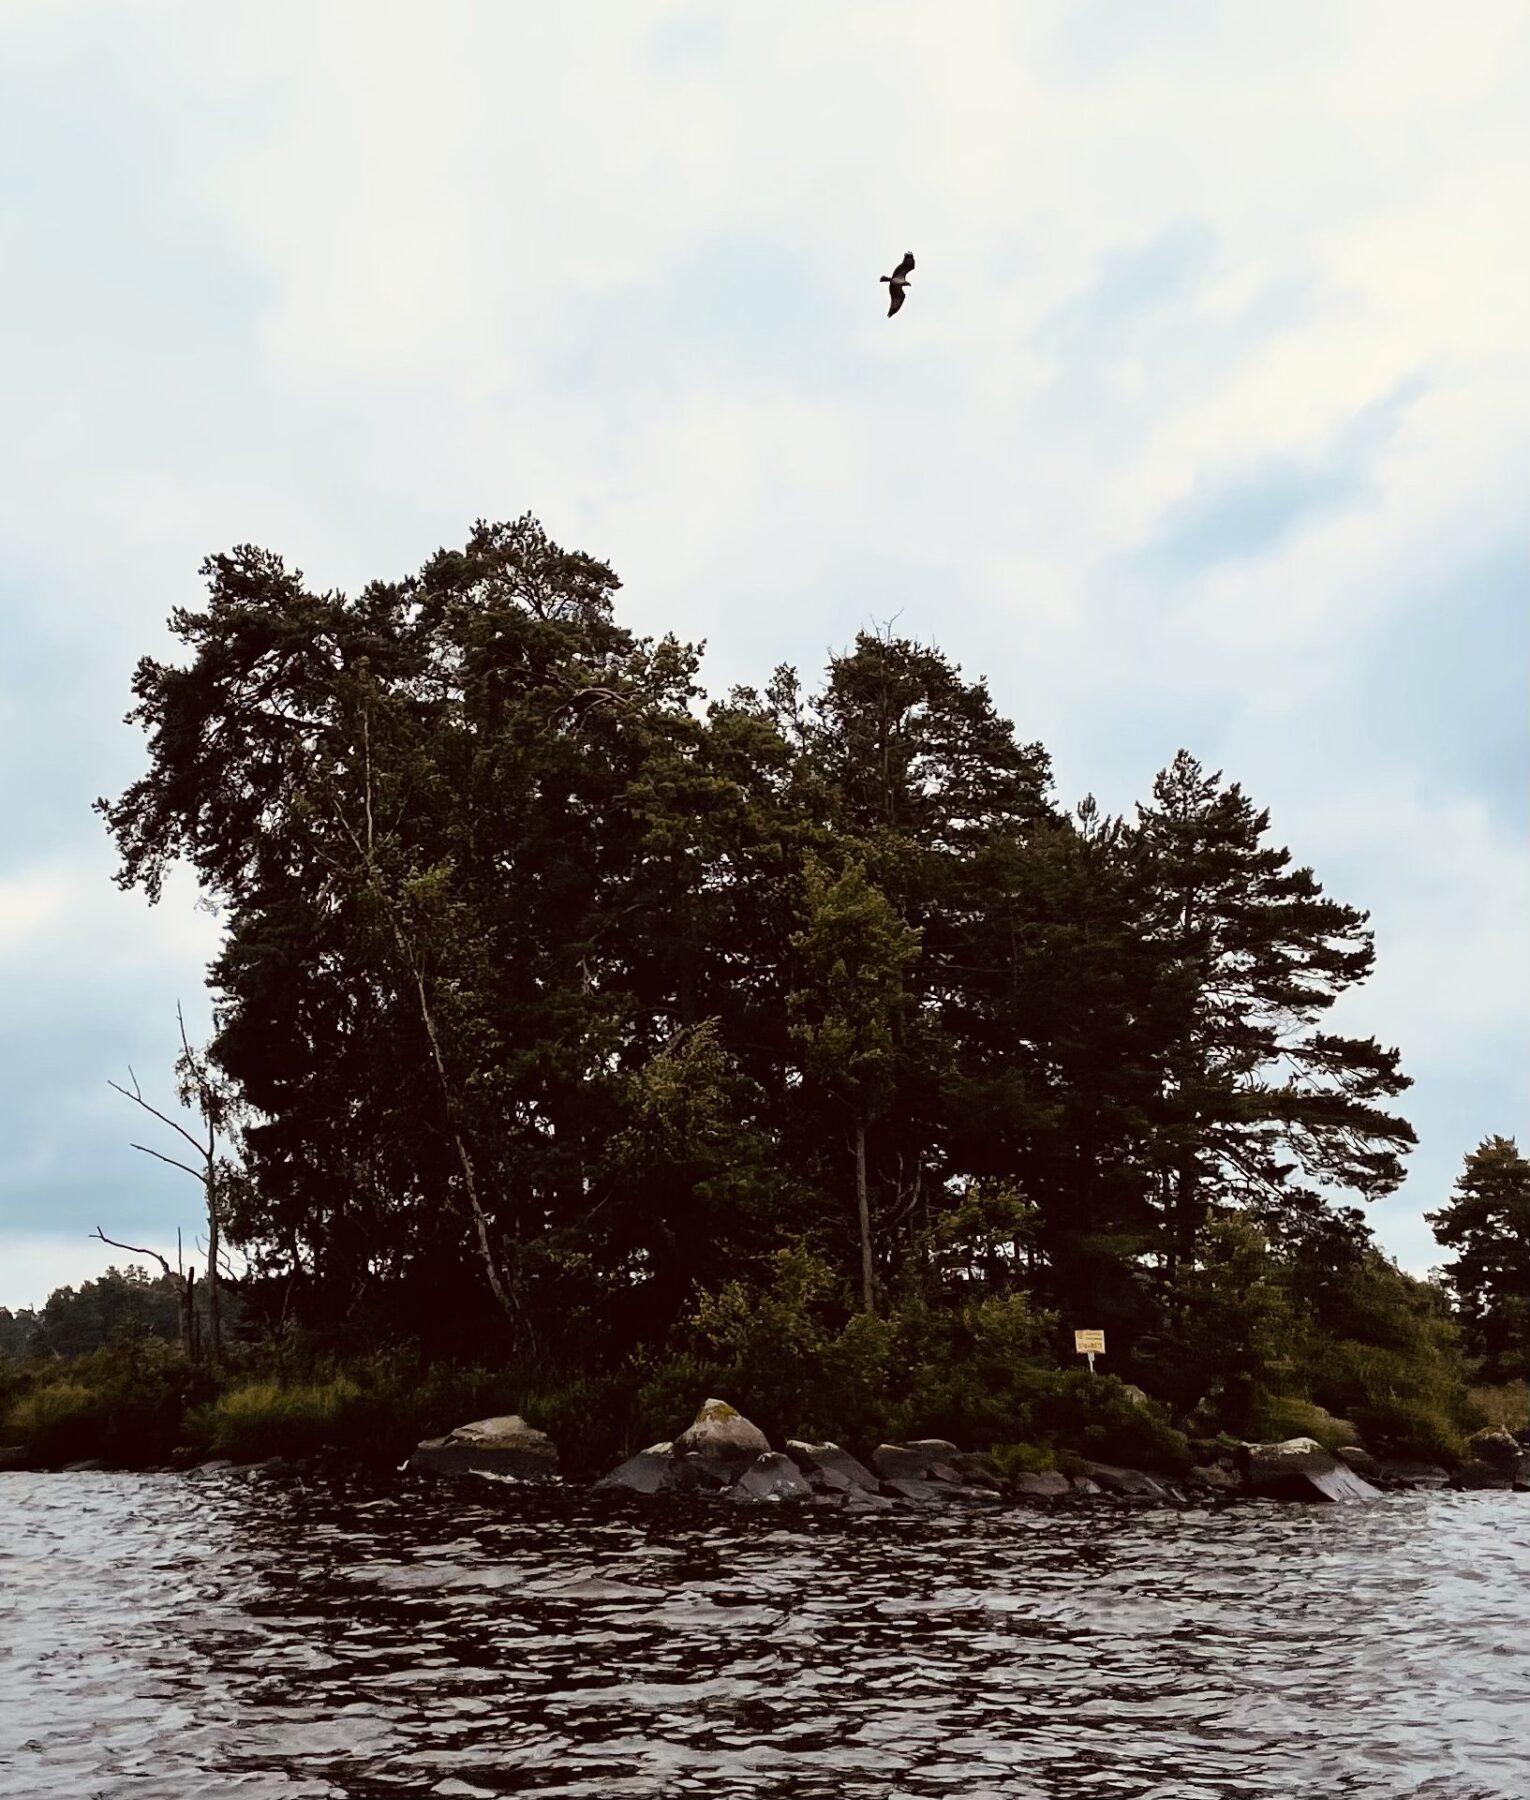 Åsnen National Park